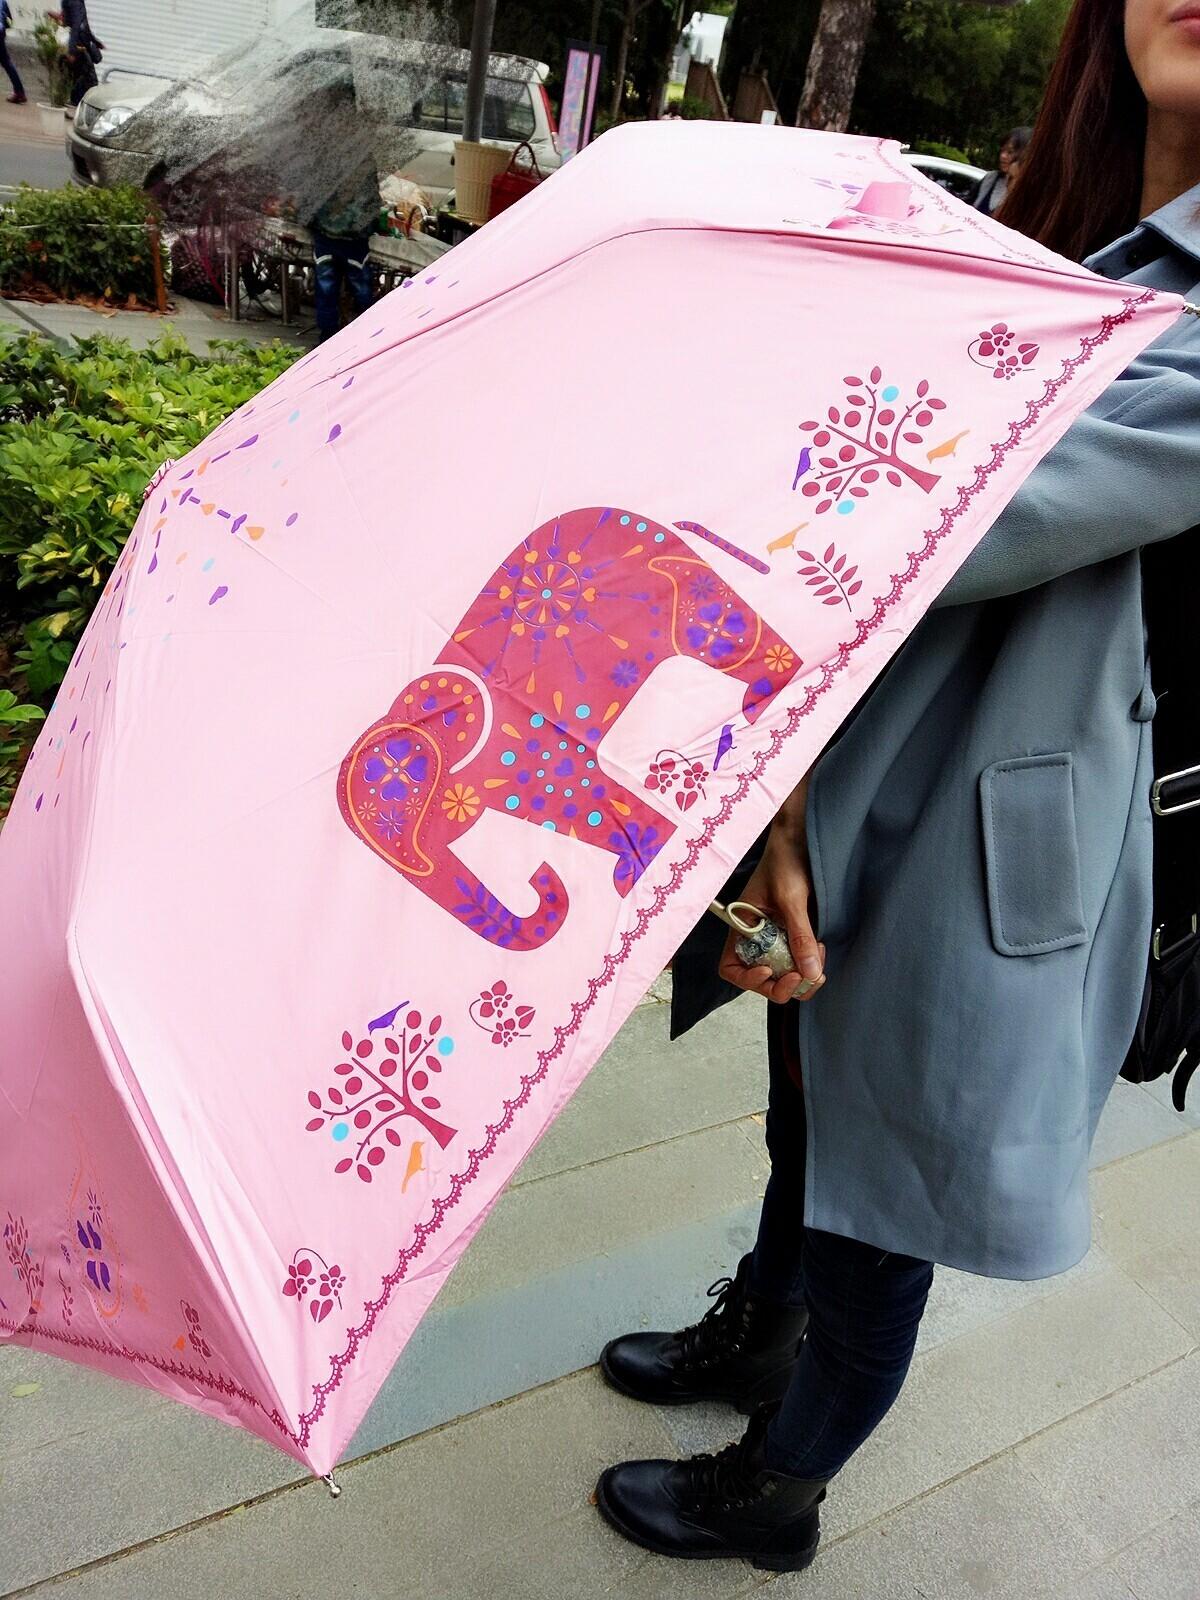 【現貨粉色】【自動傘】自由大象 / 防風 / 遮光膠布 /  抗UV / 自動陽傘雨傘 X RUNWAY FASHION ICON